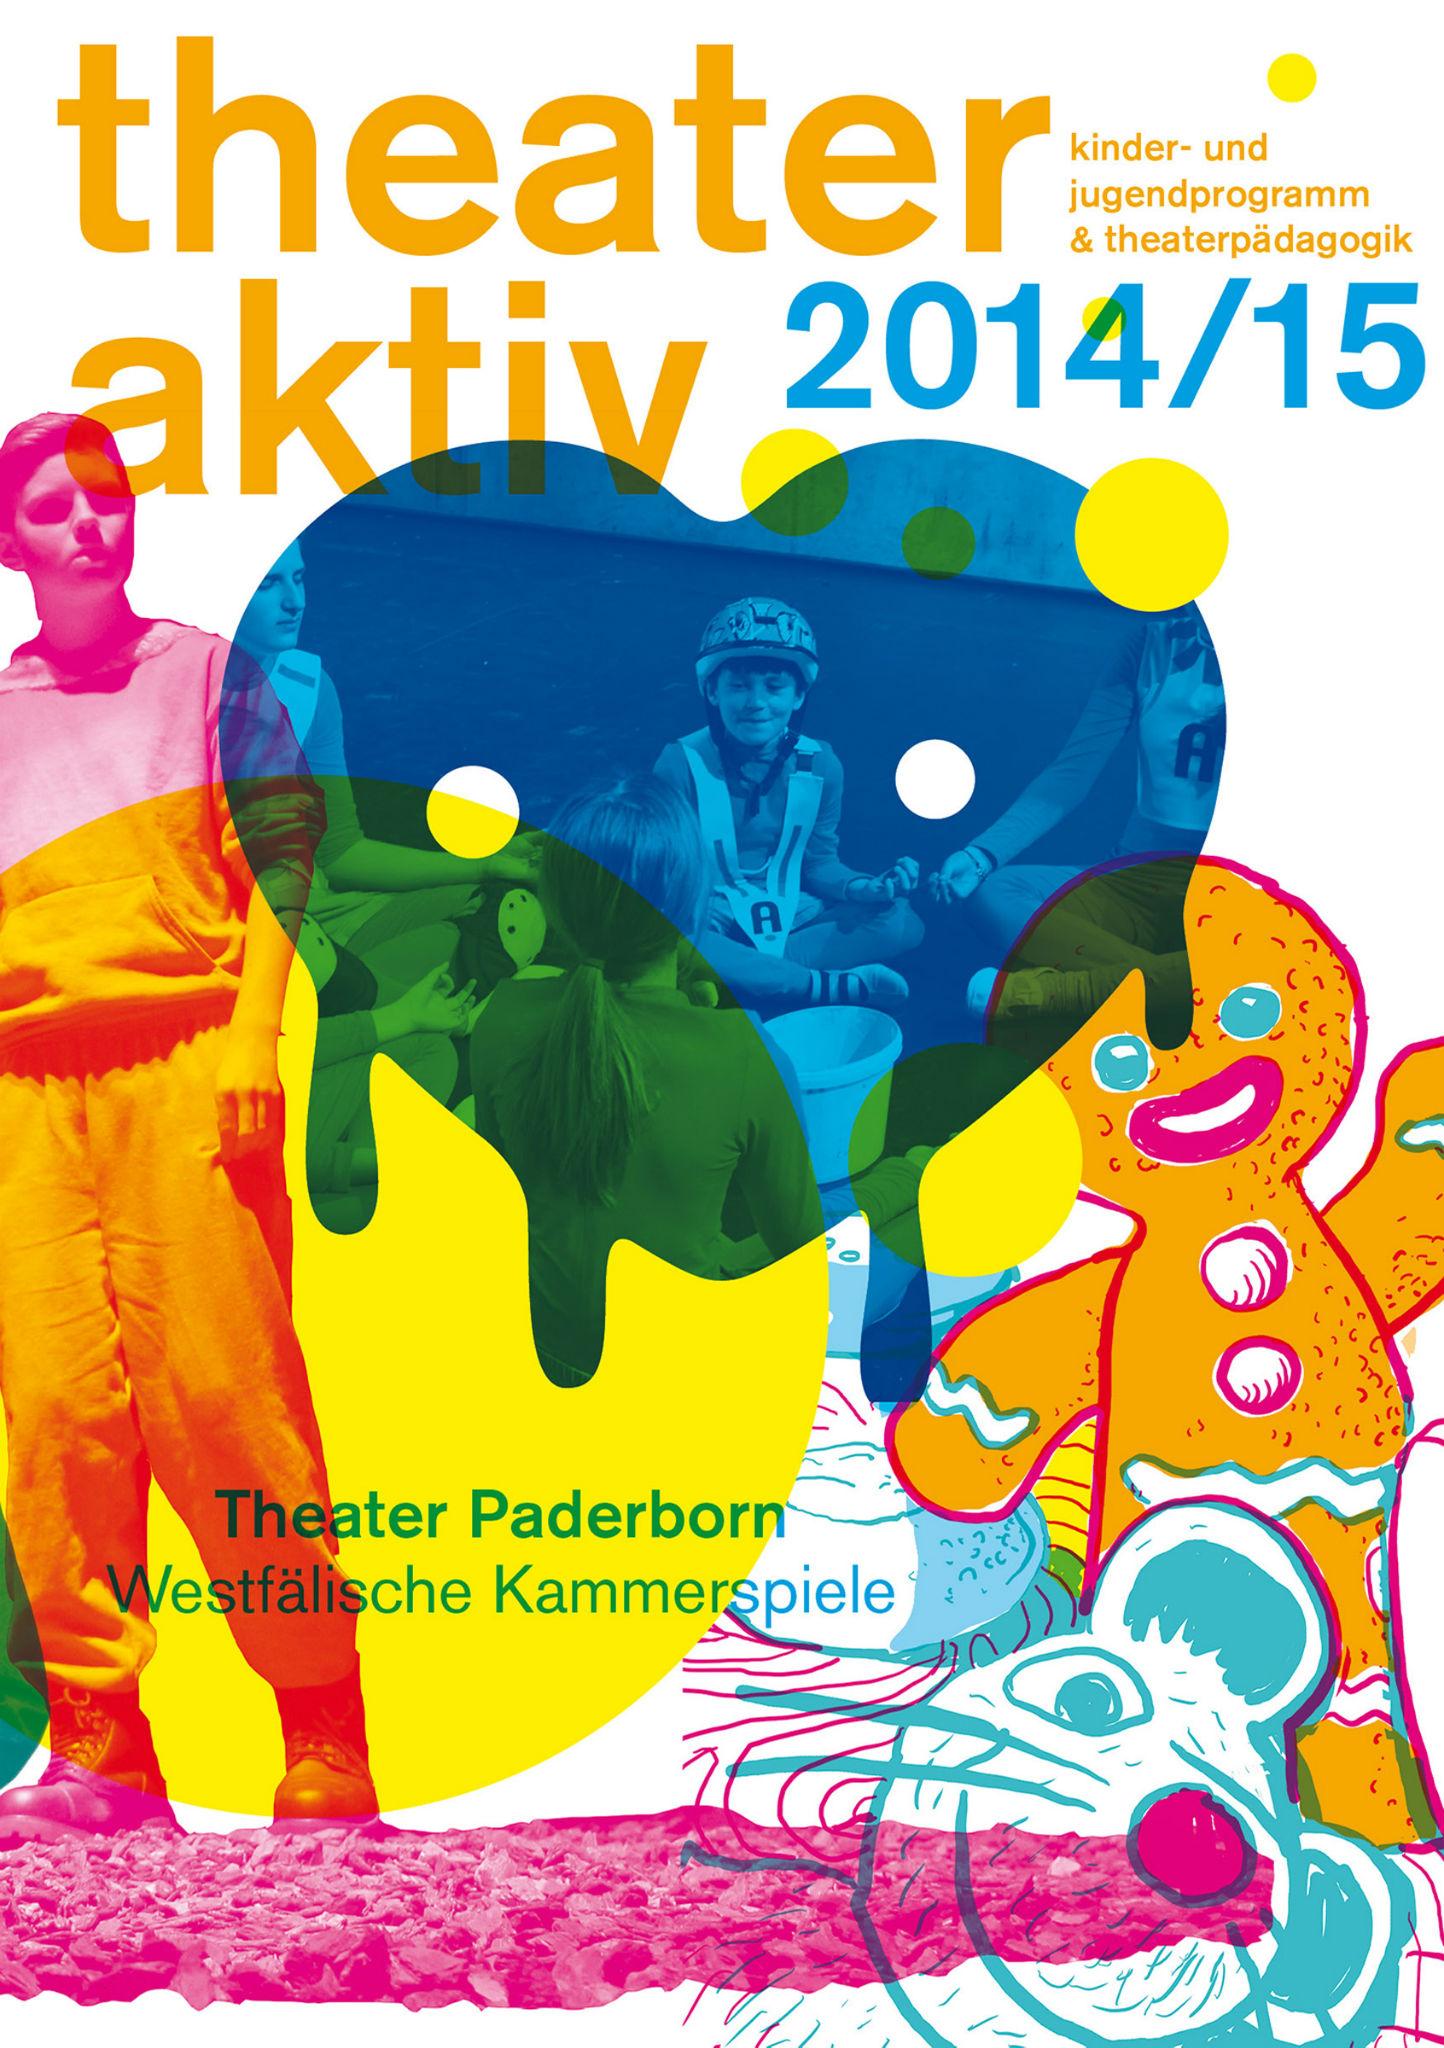 Kleon Medugorac Theater Paderborn Spielzeitheft Theaterpädagogik 2014/15